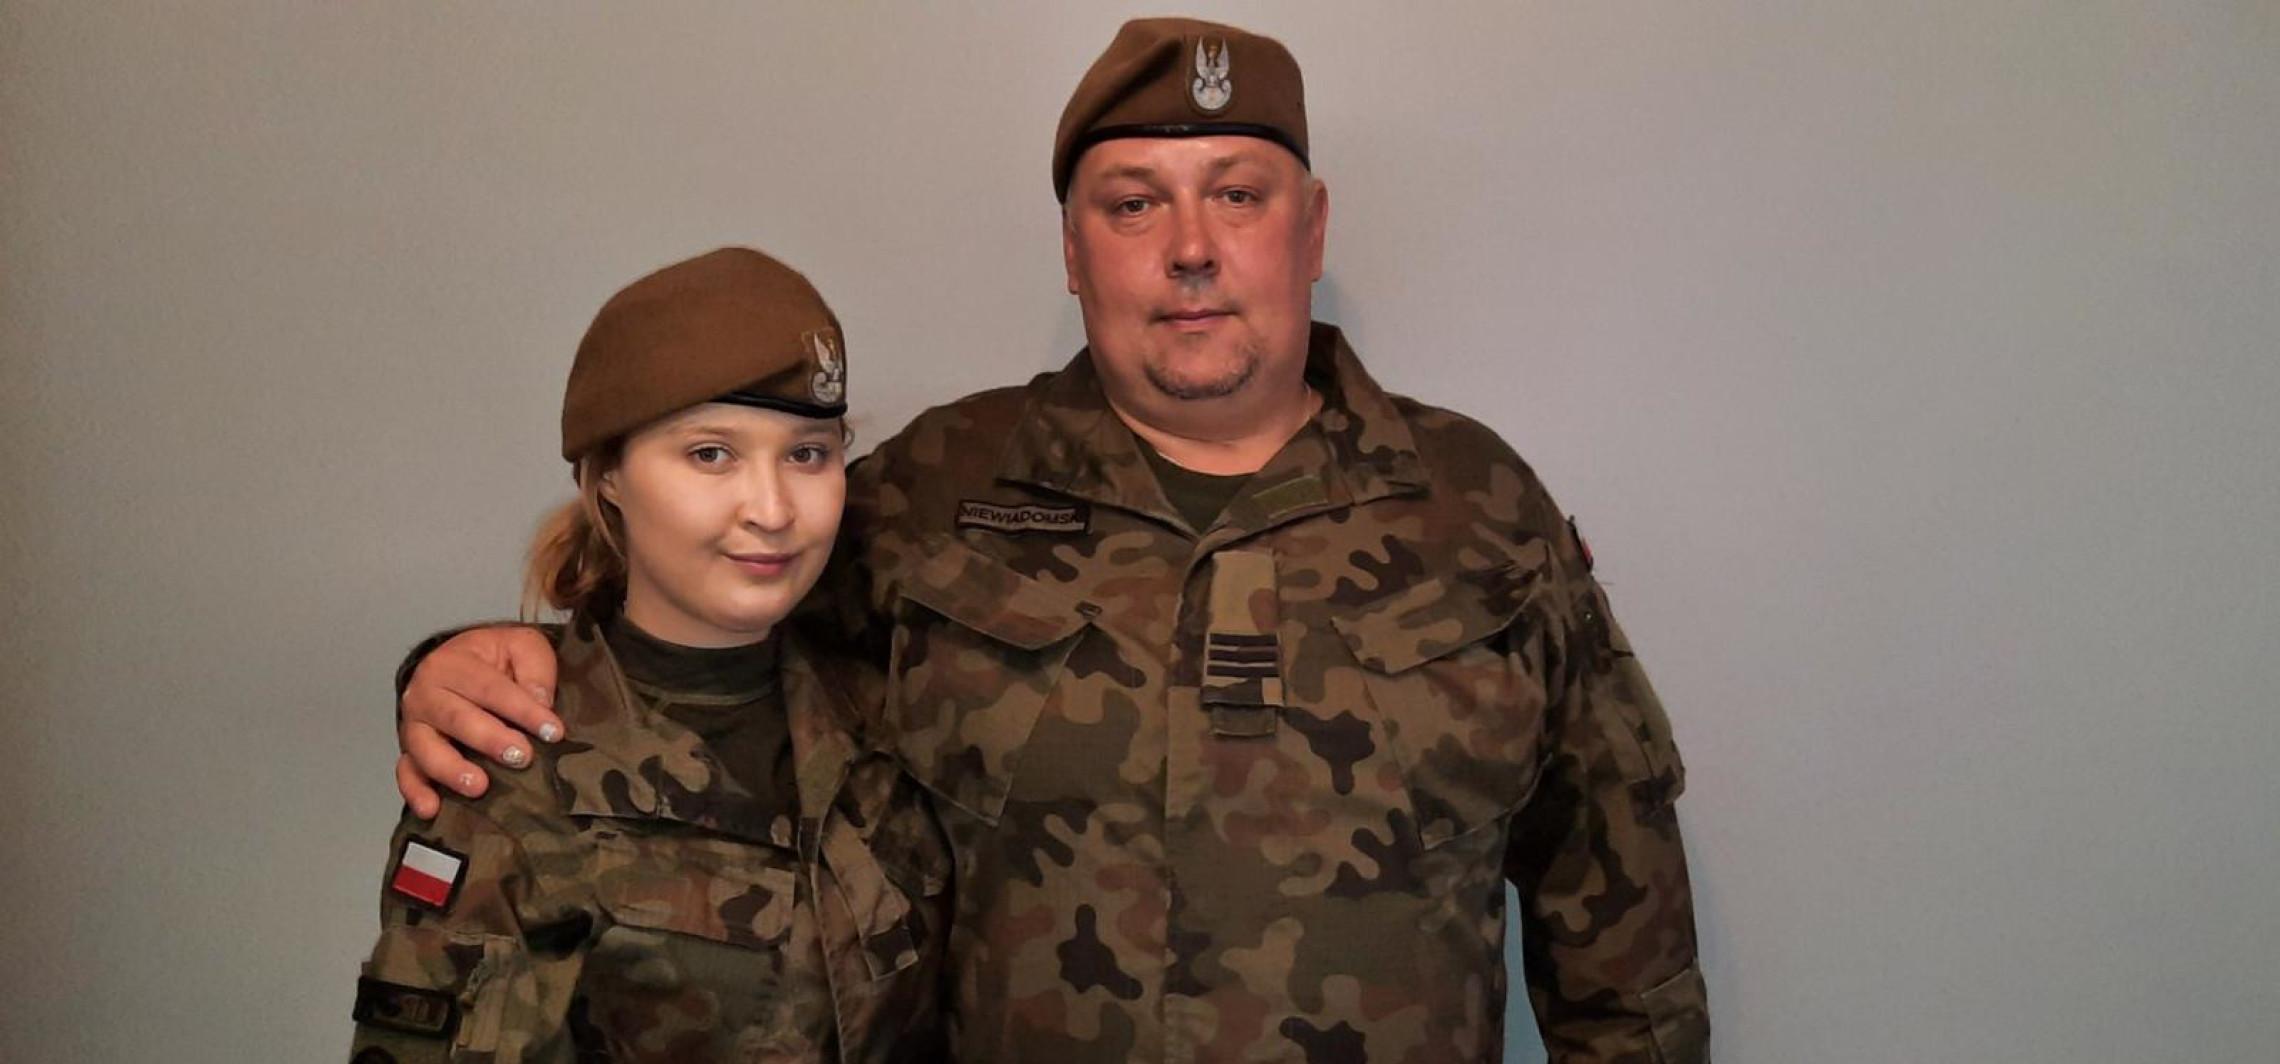 Inowrocław - Dzień Ojca. Tata i córka razem służą w WOT